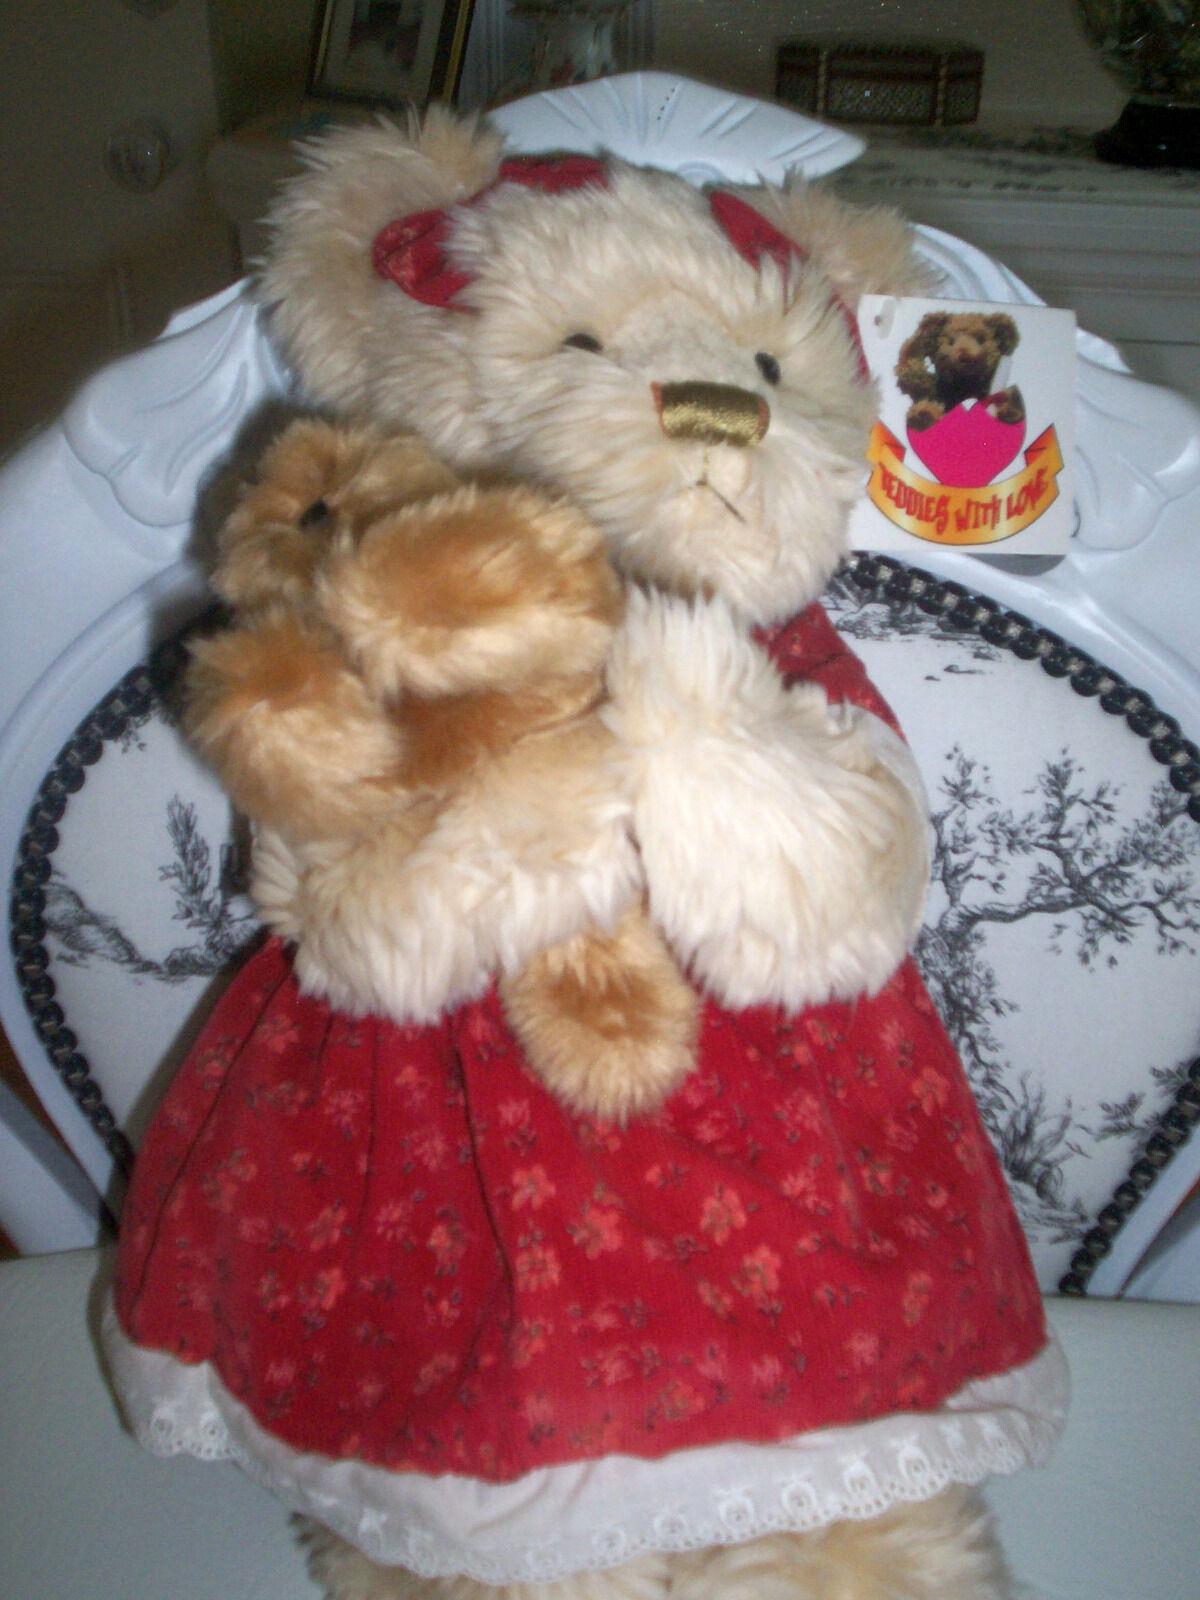 Teddy Bear Emily 3rd Limited Edition GB363 GB363 GB363 by Teddies With Love 1a54b6